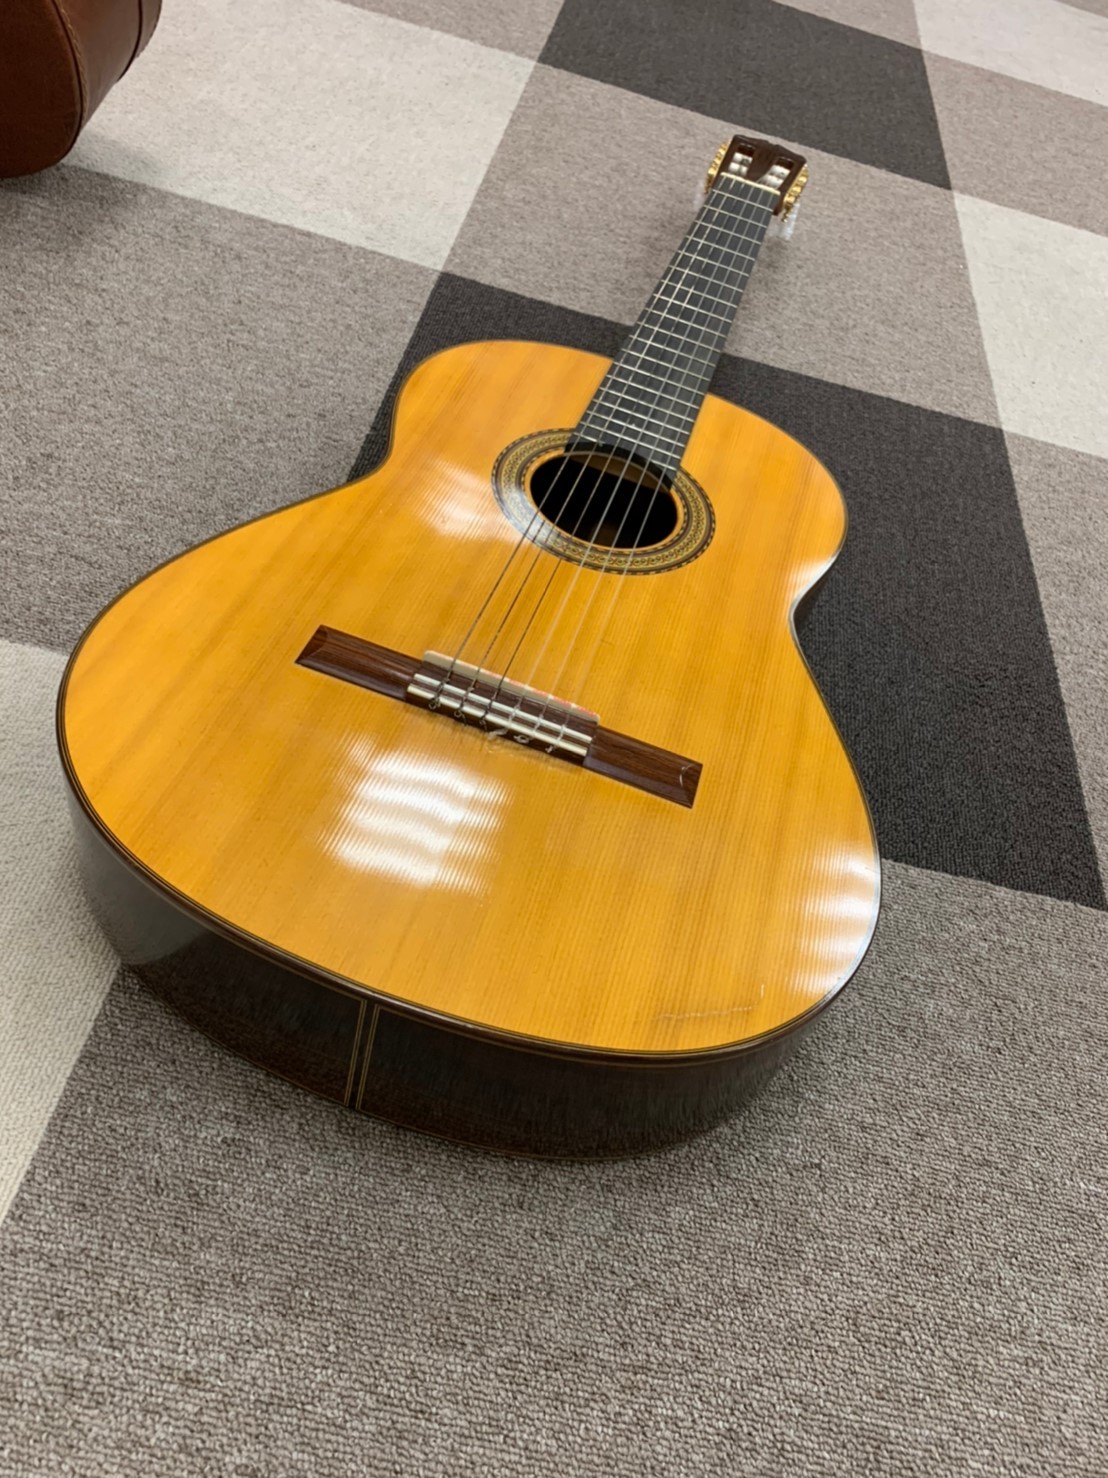 買取わかばイオン藤沢湘南ライフタウン店楽器ギター 高価買取させて頂きました!ジャンク品・玄切れの楽器も大歓迎です!